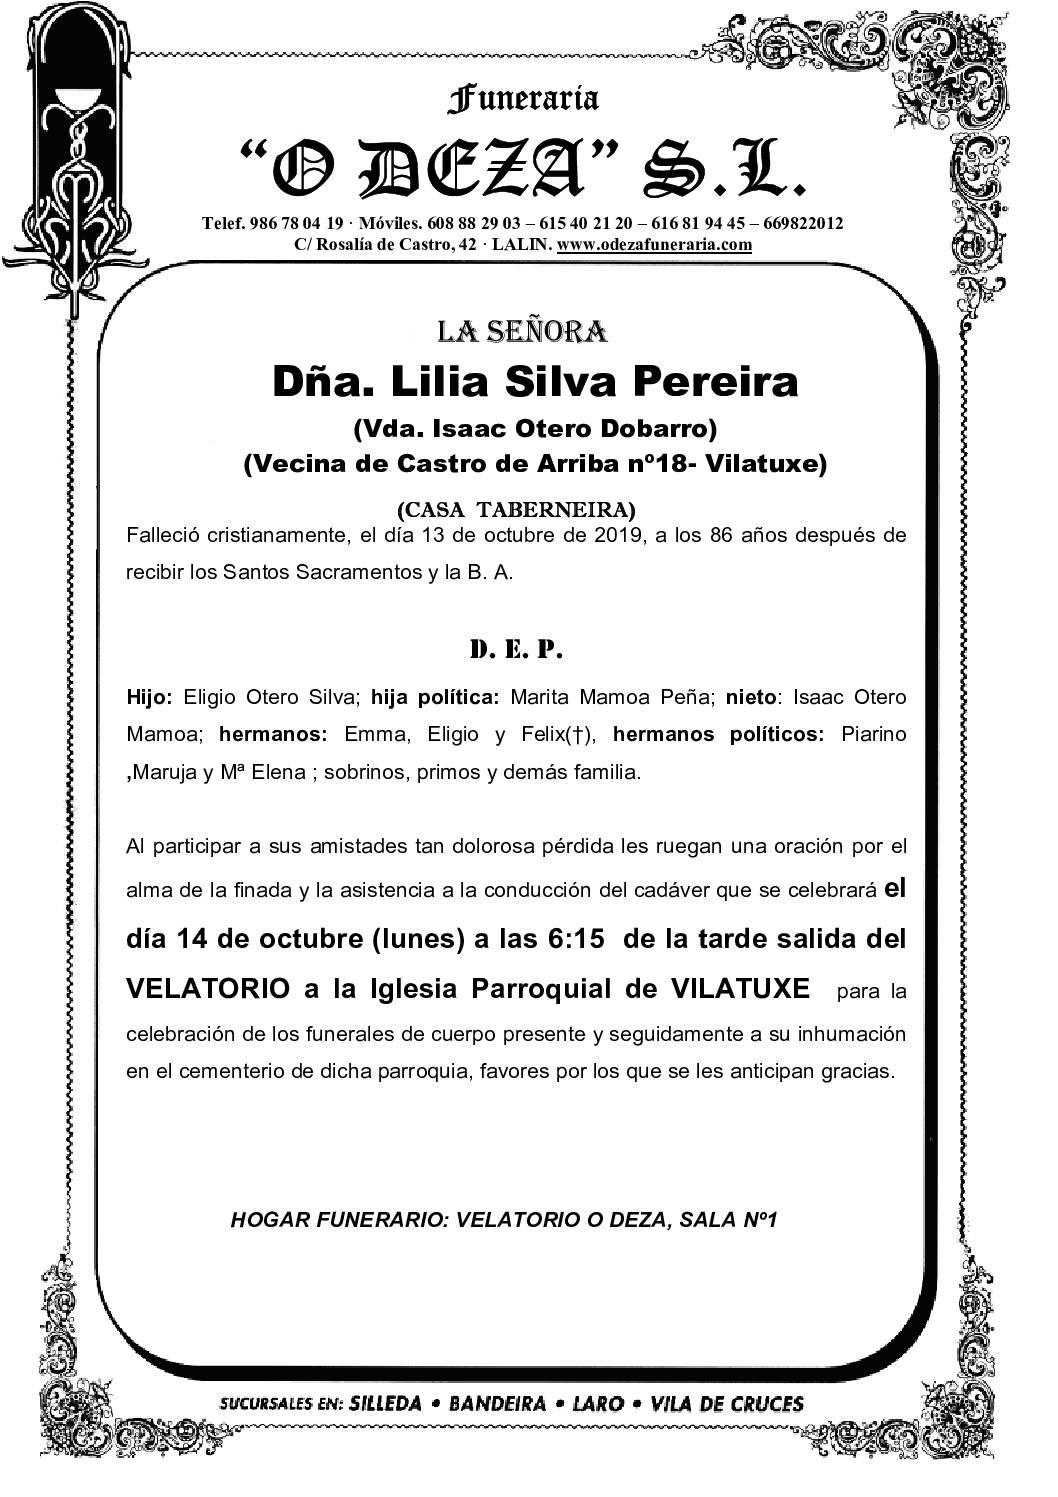 DÑA. LILIA SILVA PEREIRA